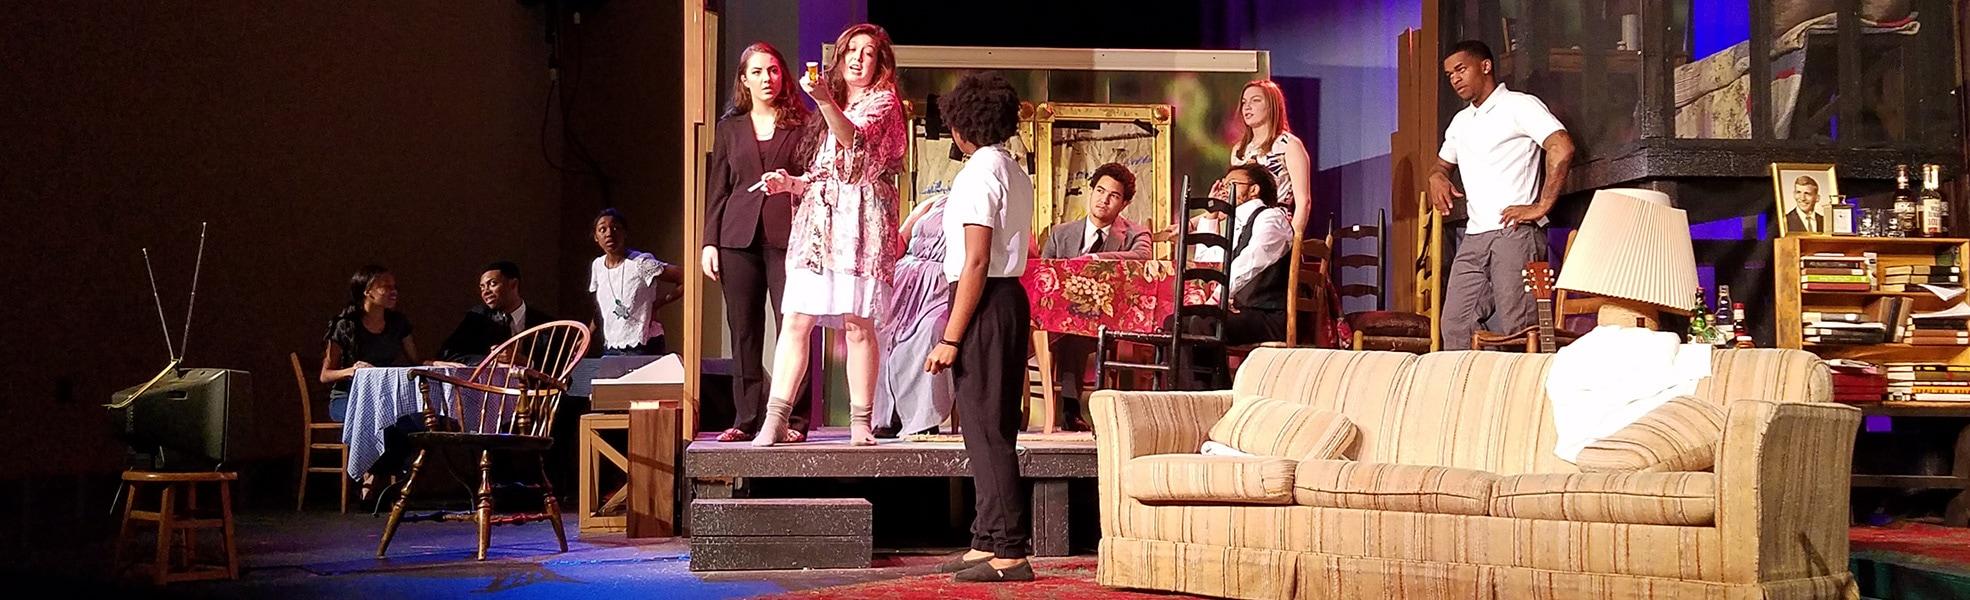 Ferrum College Theatre Arts